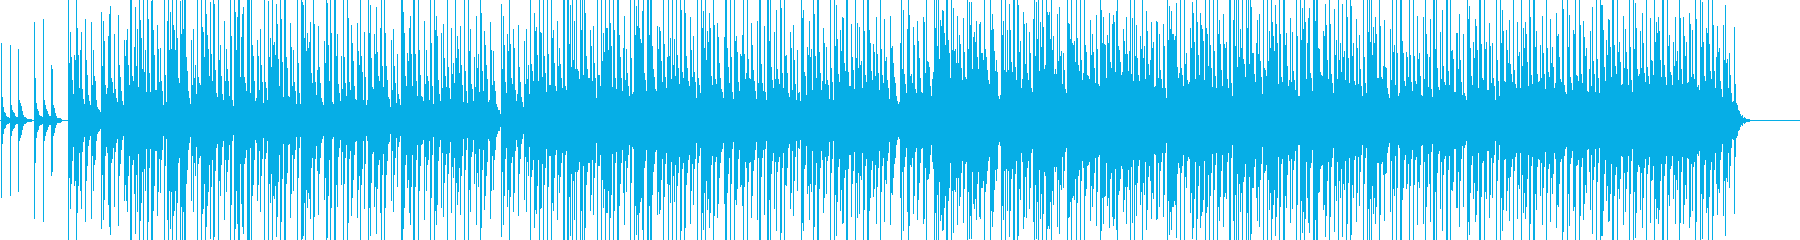 三線を使った沖縄風ほのぼのBGMの再生済みの波形